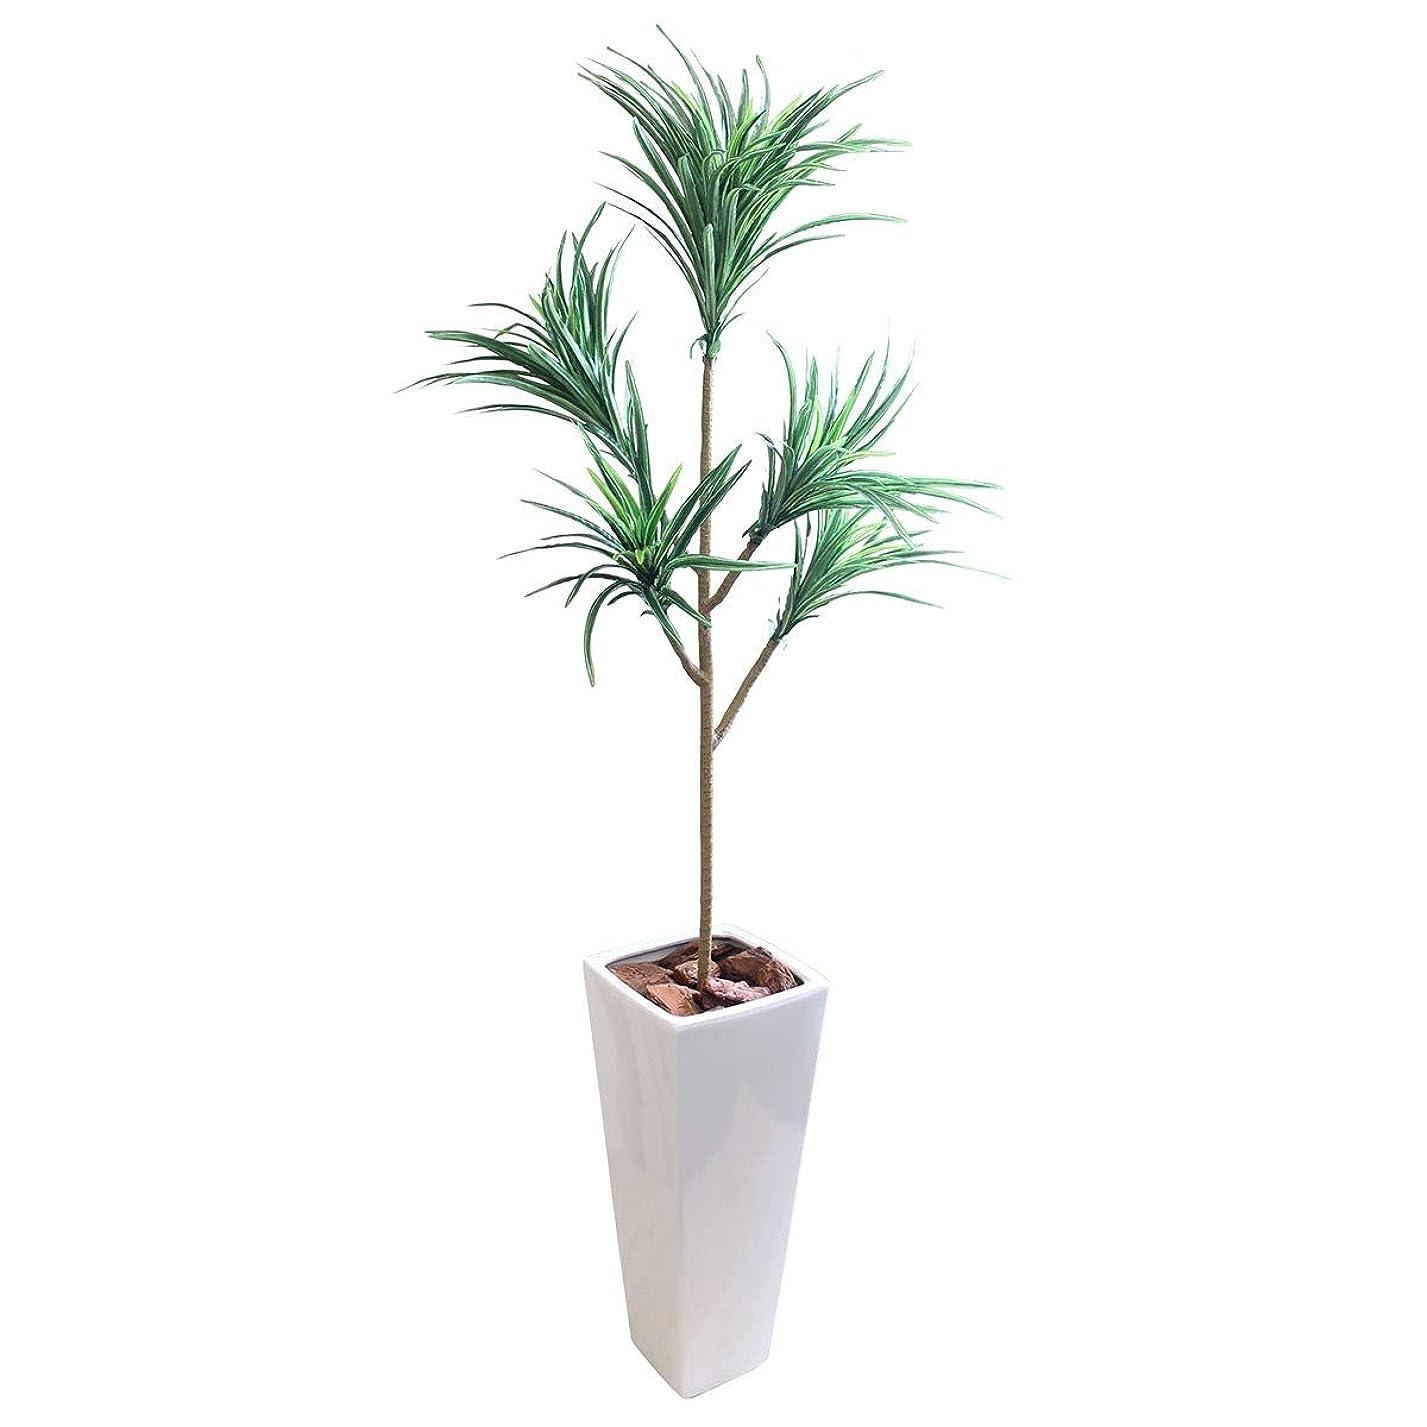 唯物論ライトニング引退するフェイクグリーン 大型 ユッカツリー(青年の木) 5本枝 145cm 白鉢セット SC/CT触媒加工済[tb1829]